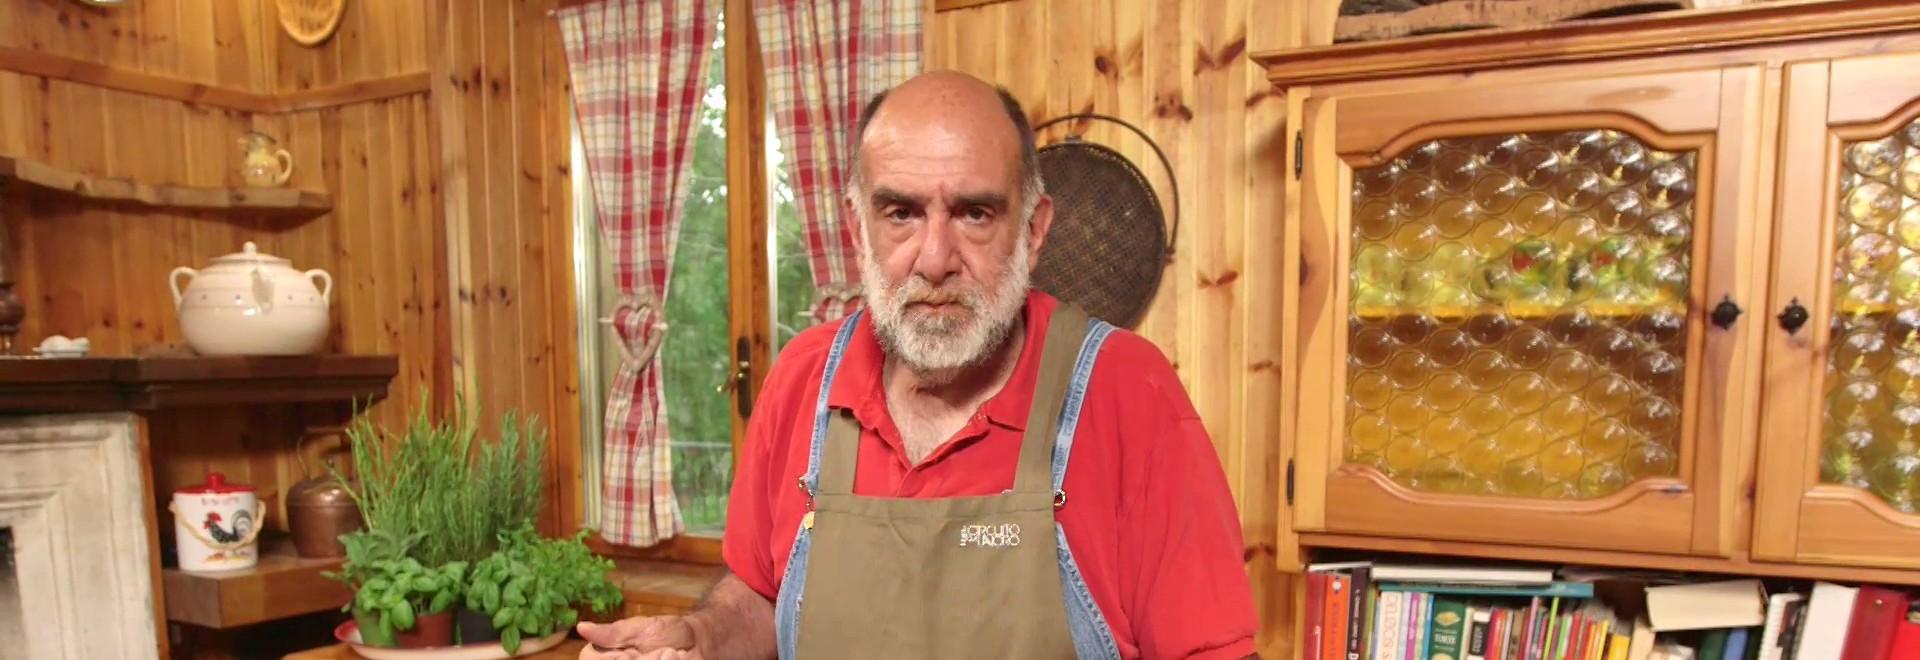 Giorgione: orto e cucina